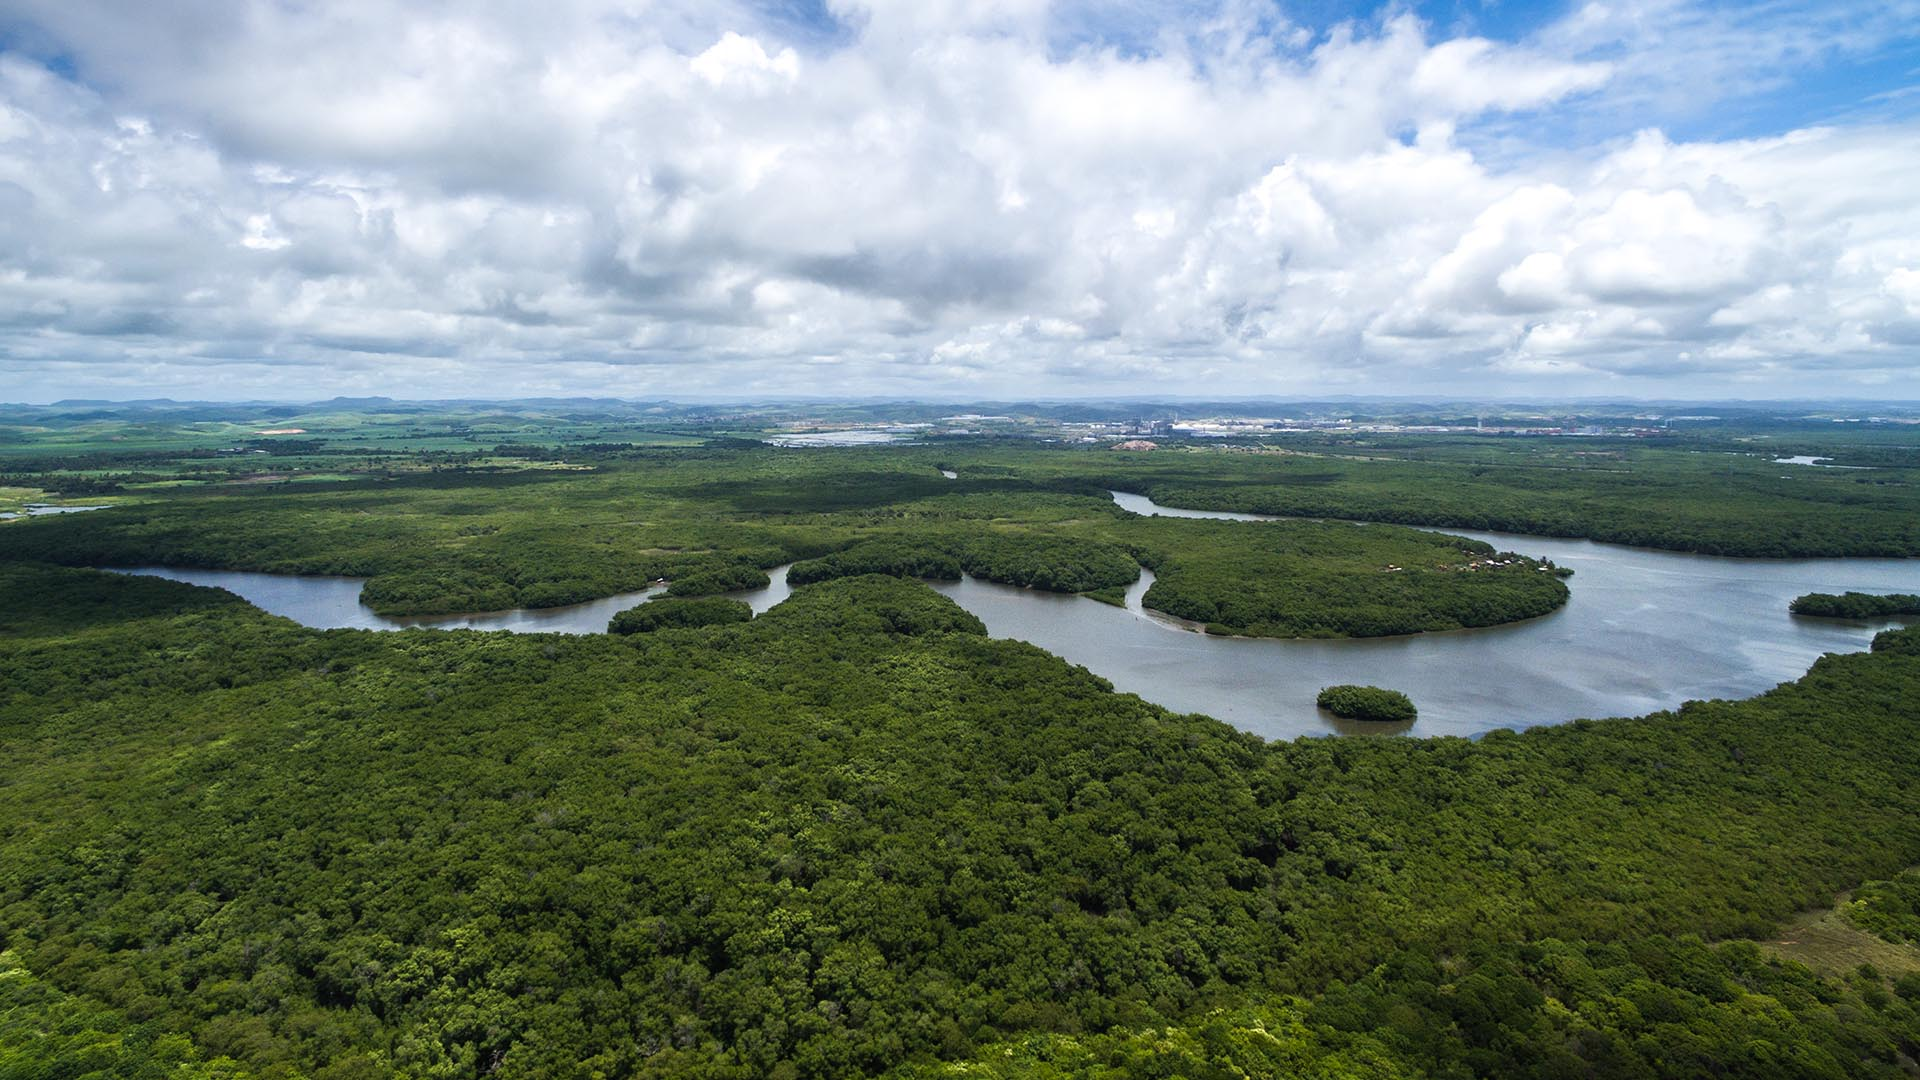 Um dos muitos trechos do rio na região metropolitana de Manaus (AM).